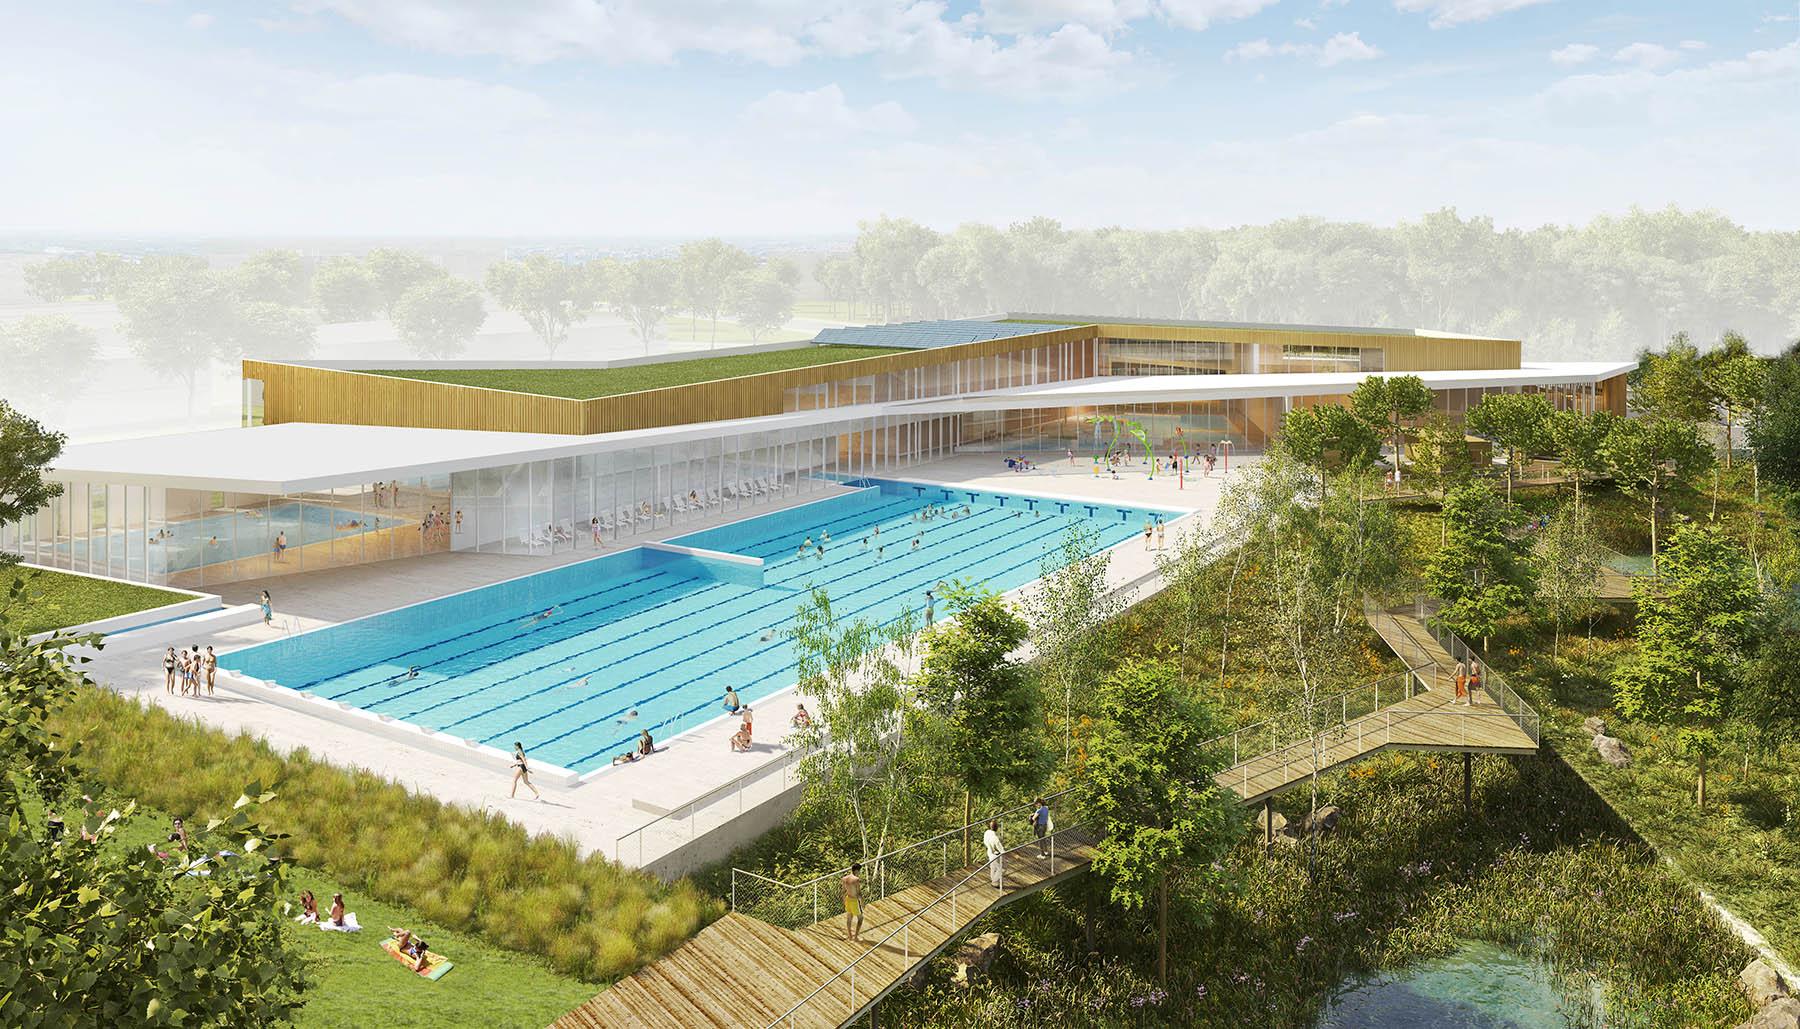 centre aquatique � champs sur marne | tna architectes, paris